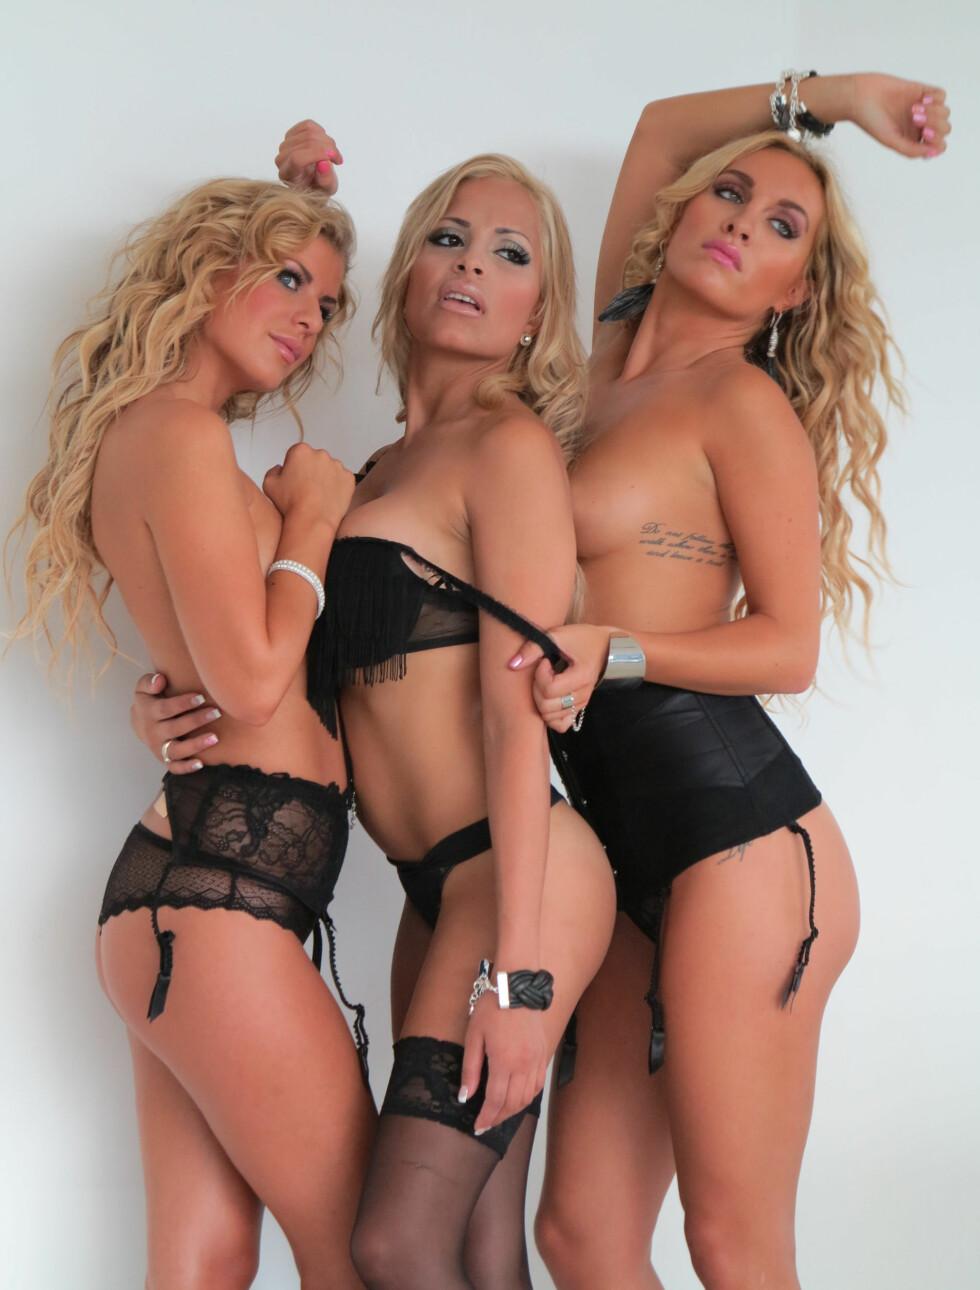 DEN LILLE SORTE: Mari, Linni og Carina fra TV 2 Bliss-serien «Tigerstaden». Foto: TV 2 Bliss